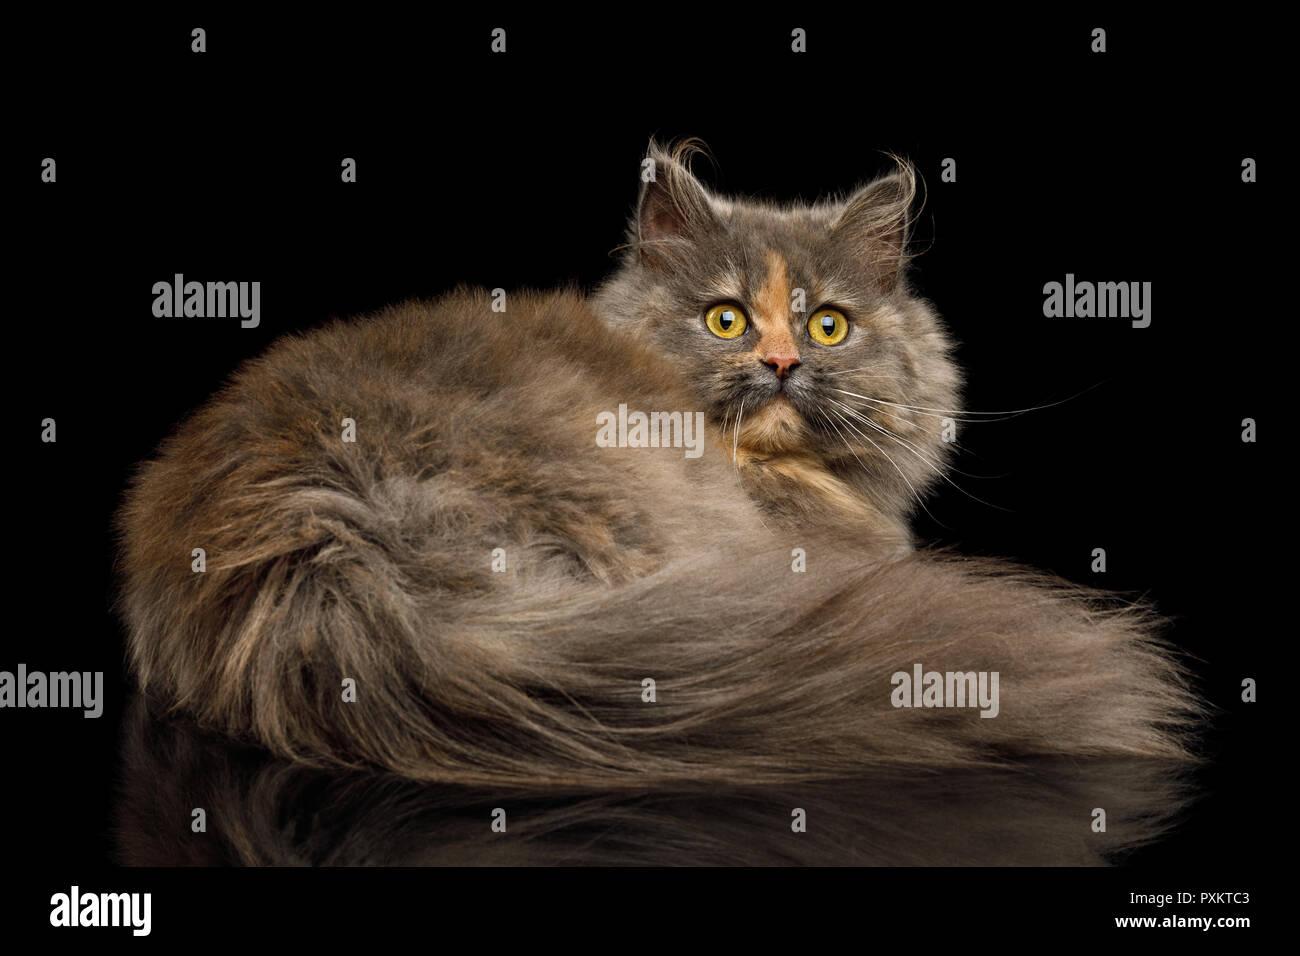 Gato de pêlo curto Munchkin tartaruga deitado e olhando para trás isolado no fundo preto Imagens de Stock